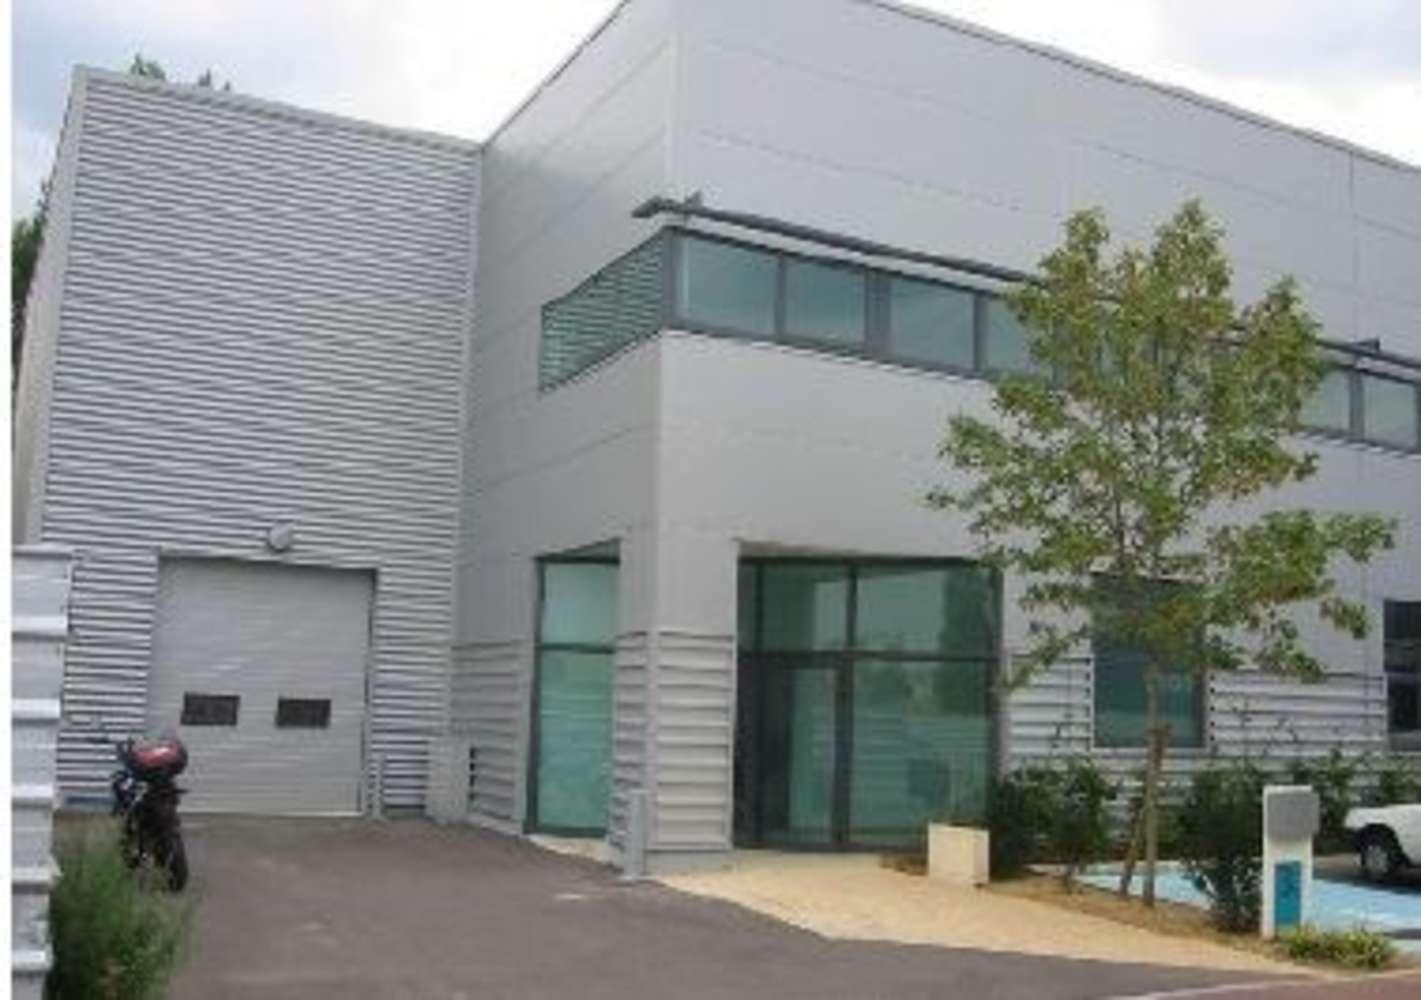 Activités/entrepôt Ivry sur seine, 94200 - CARRE D'IVRY - 9445702